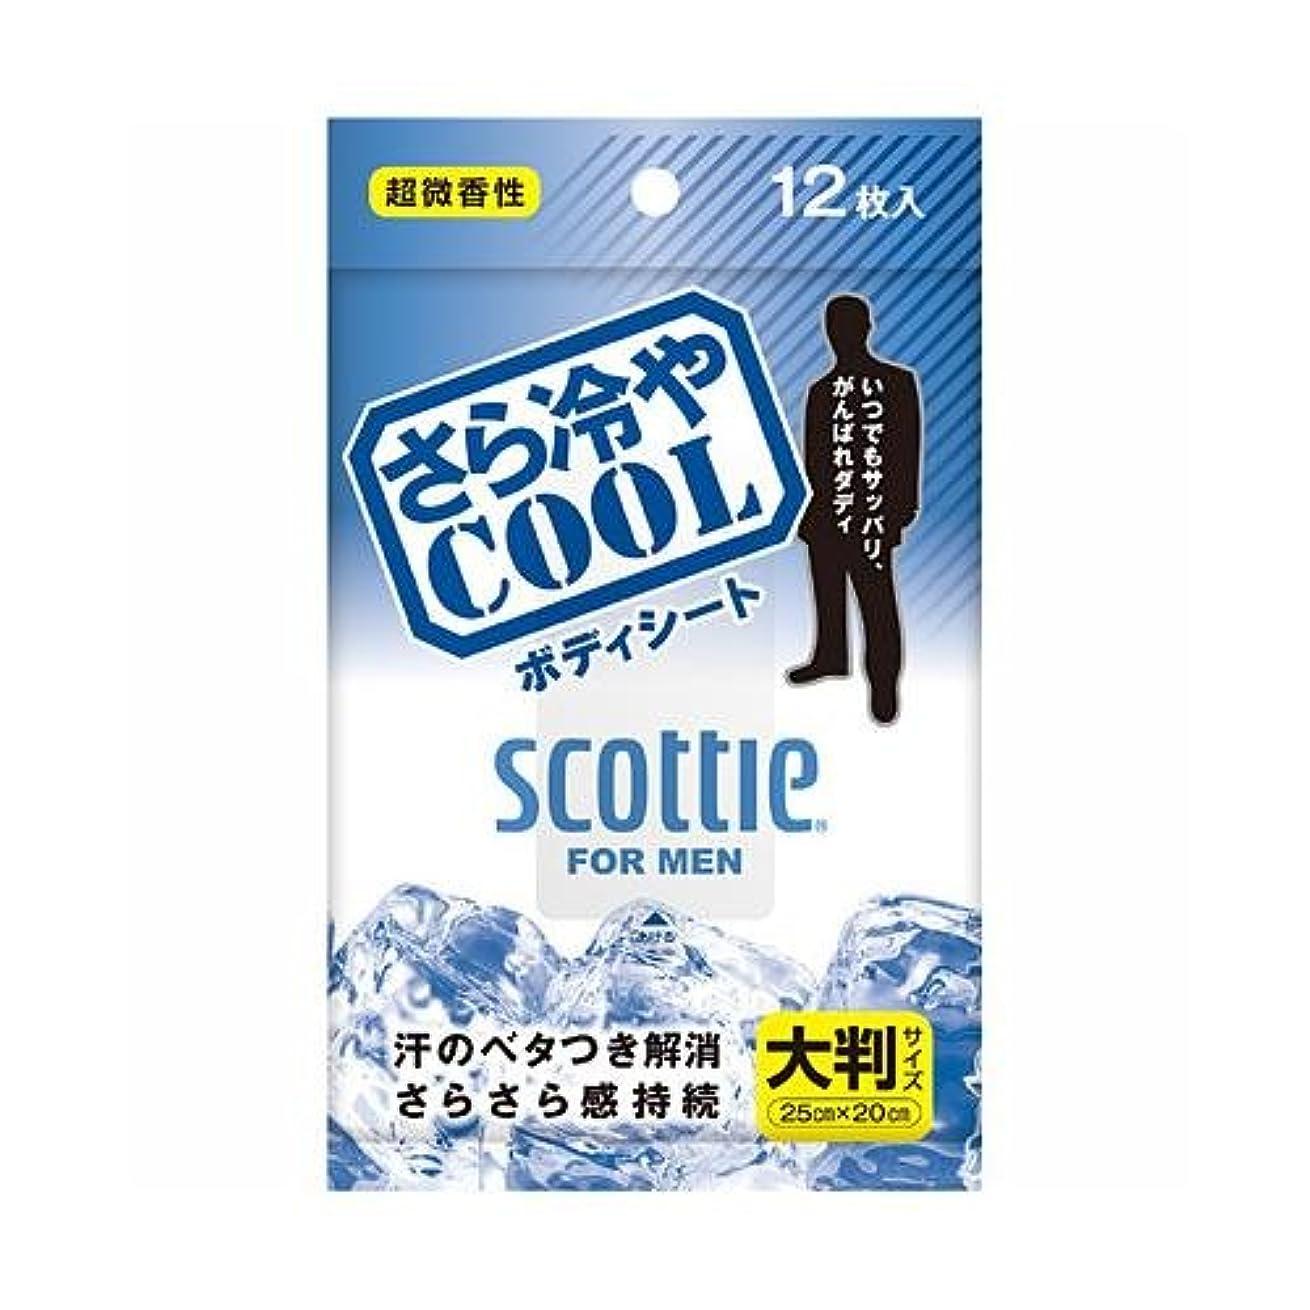 廃止する全滅させる自分を引き上げるスコッティ さら冷やCOOL ボディシート 12枚入